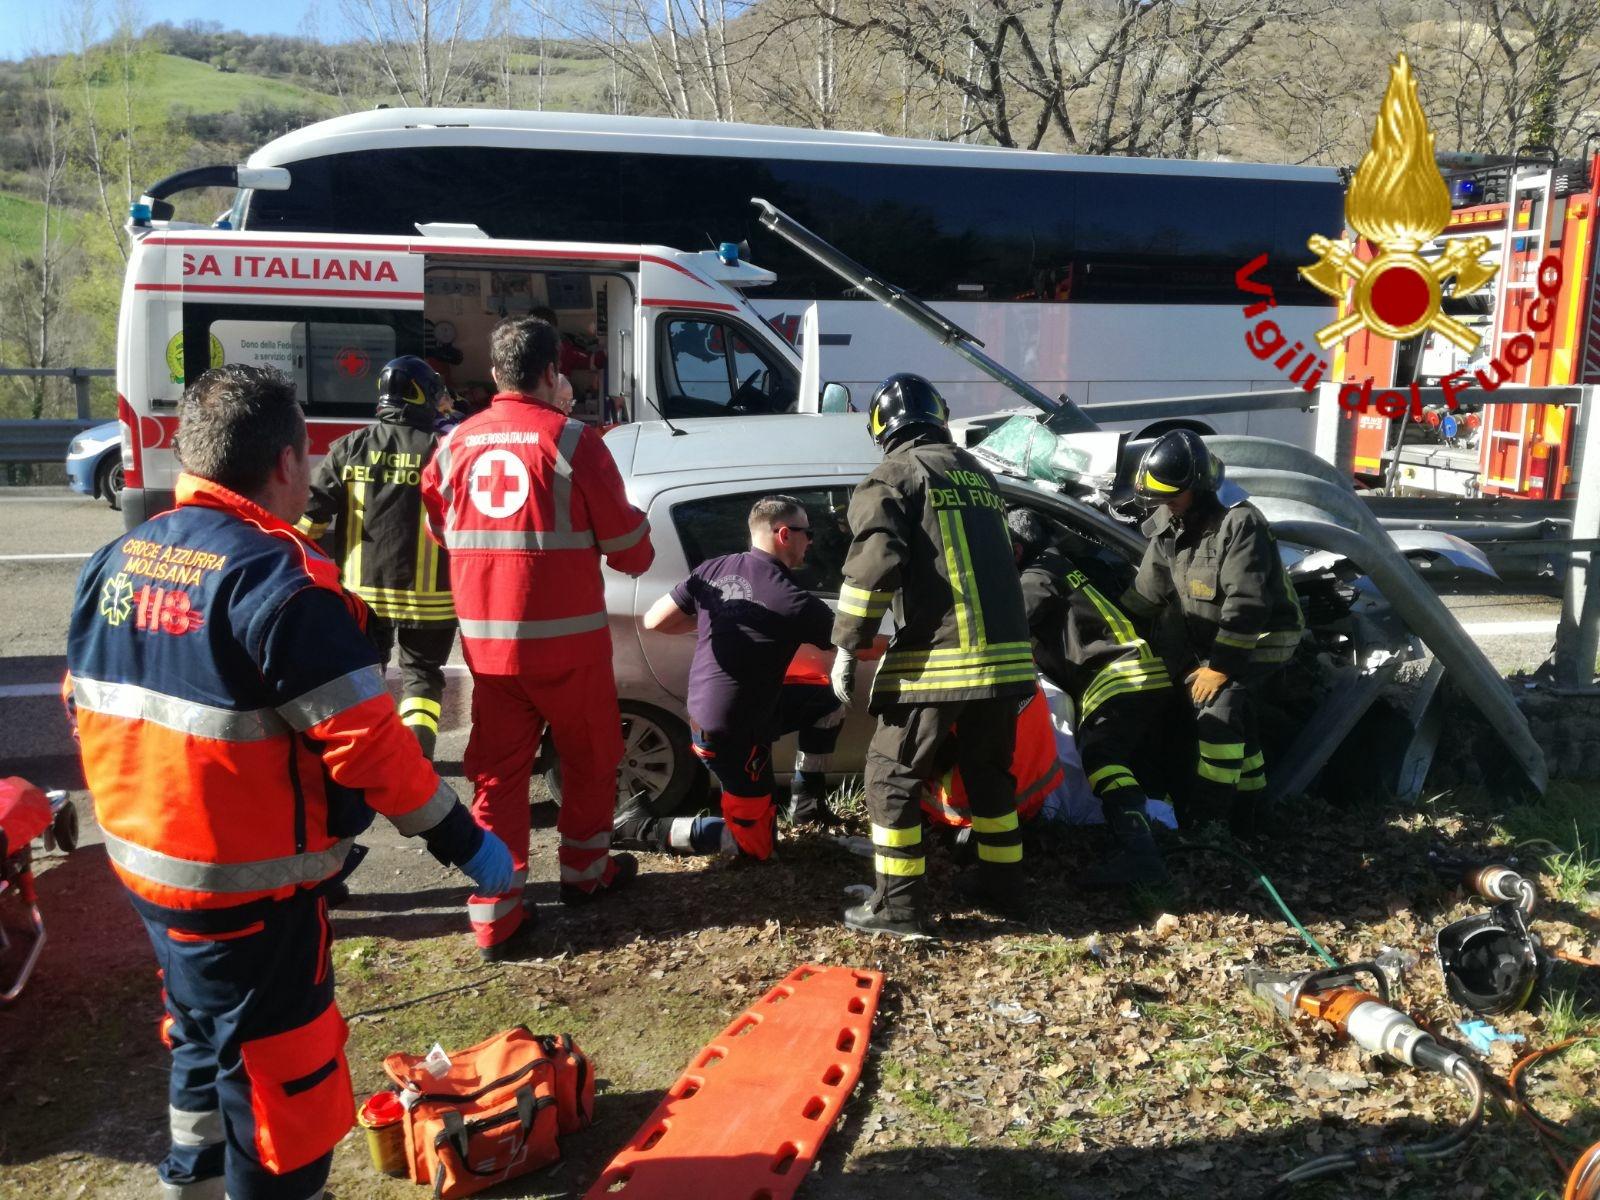 Incidente SS 647, tre feriti gravi tra cui una bimba di 7 anni (AGGIORNAMENTO E FOTO)